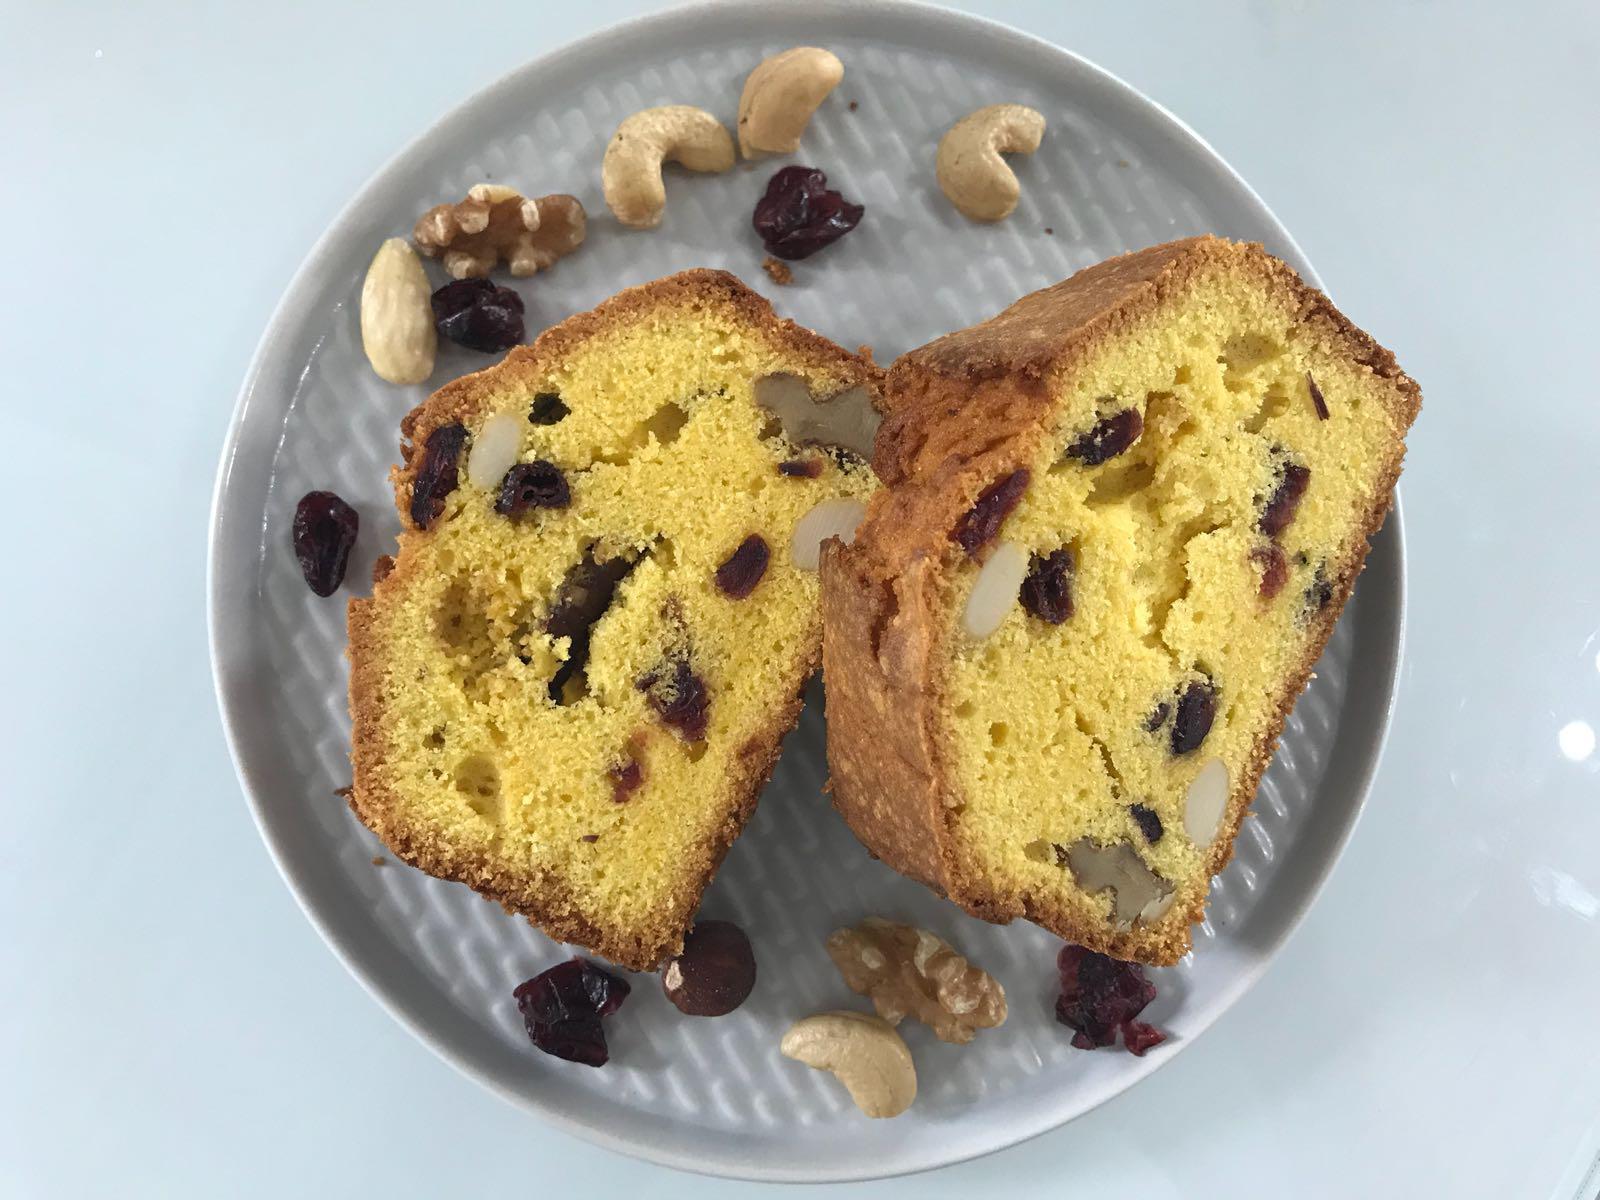 Plumcake alla vaniglia con frutta secca e mirtilli rossi